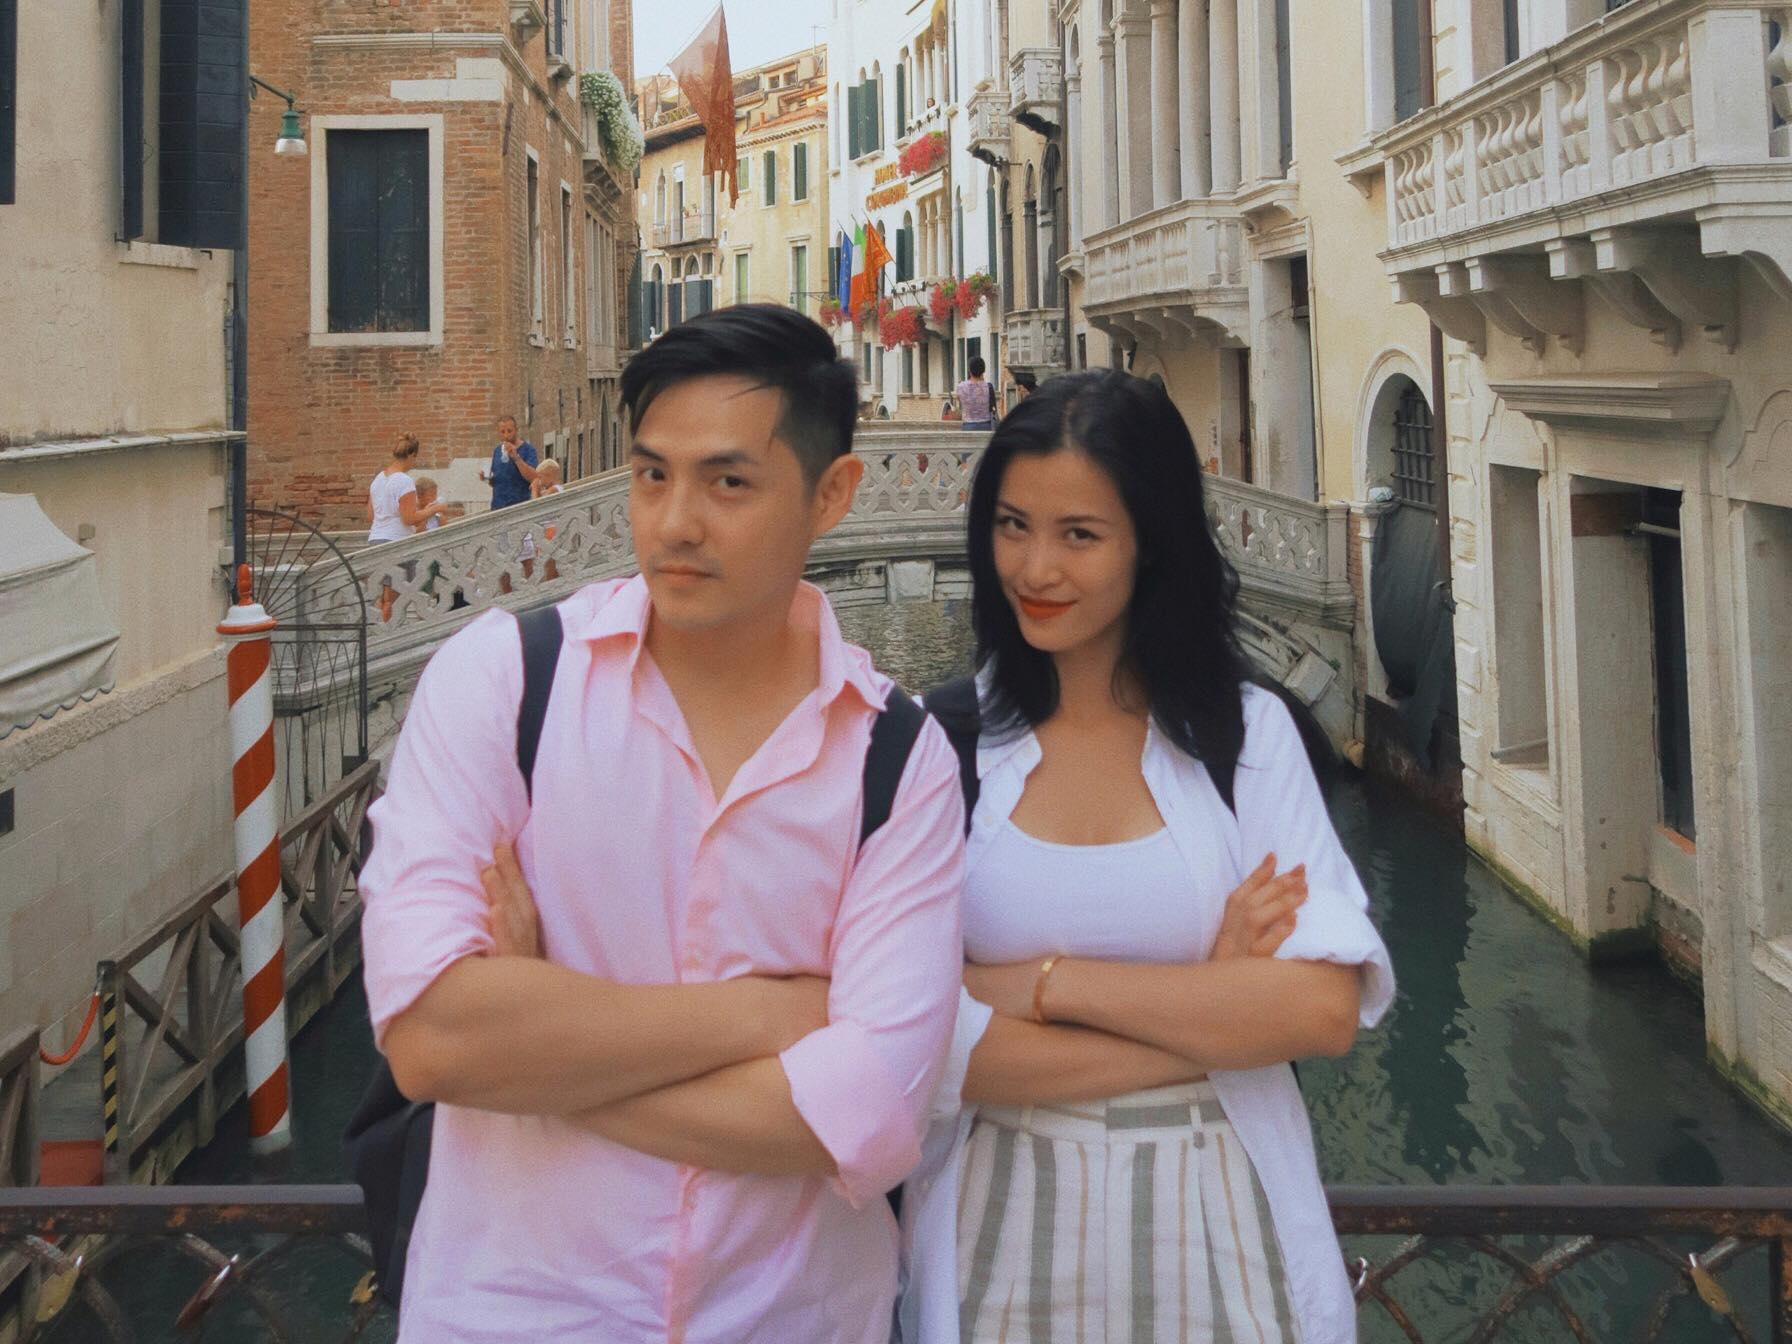 Bảo Anh, Bích Phương đăng ảnh chân dung bạn trai và sự thật bất ngờ - 1